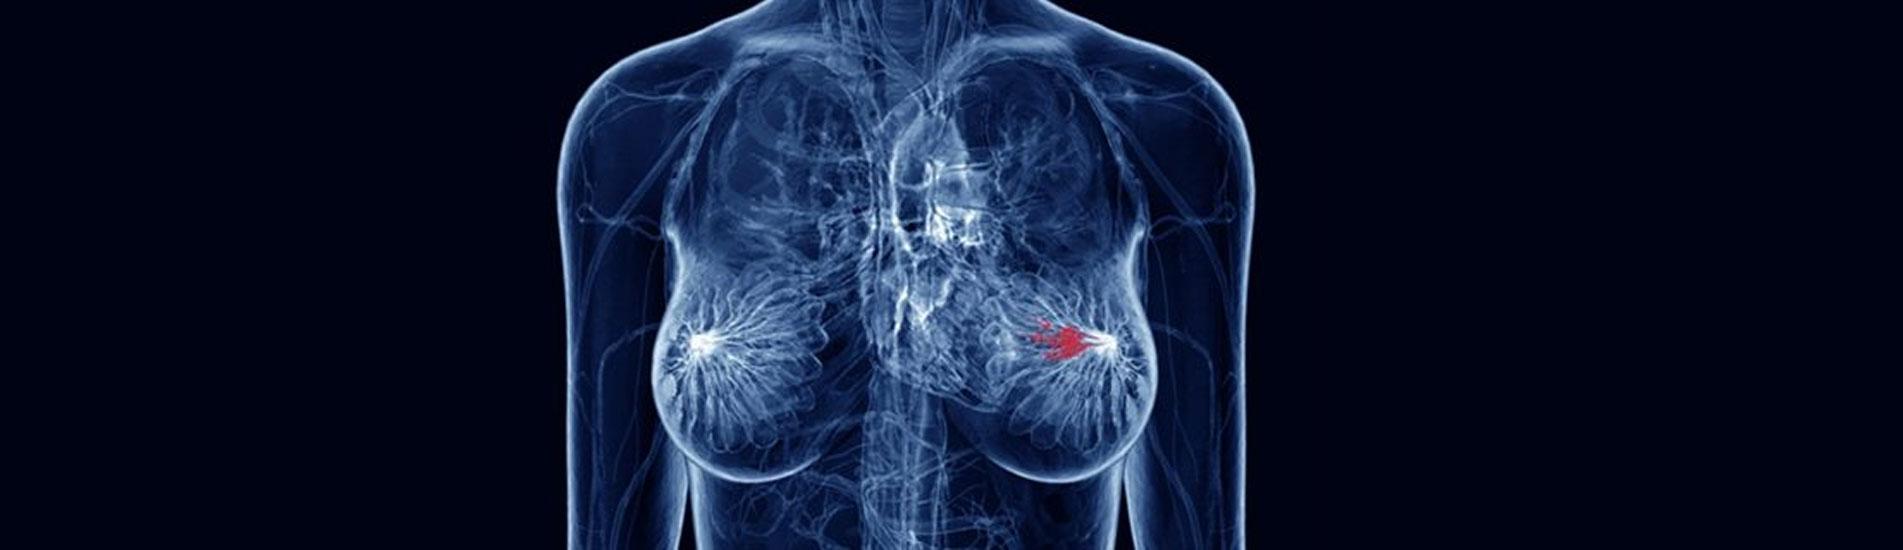 Ο ρόλος της Ακτινοθεραπείας στον Καρκίνο του Μαστού